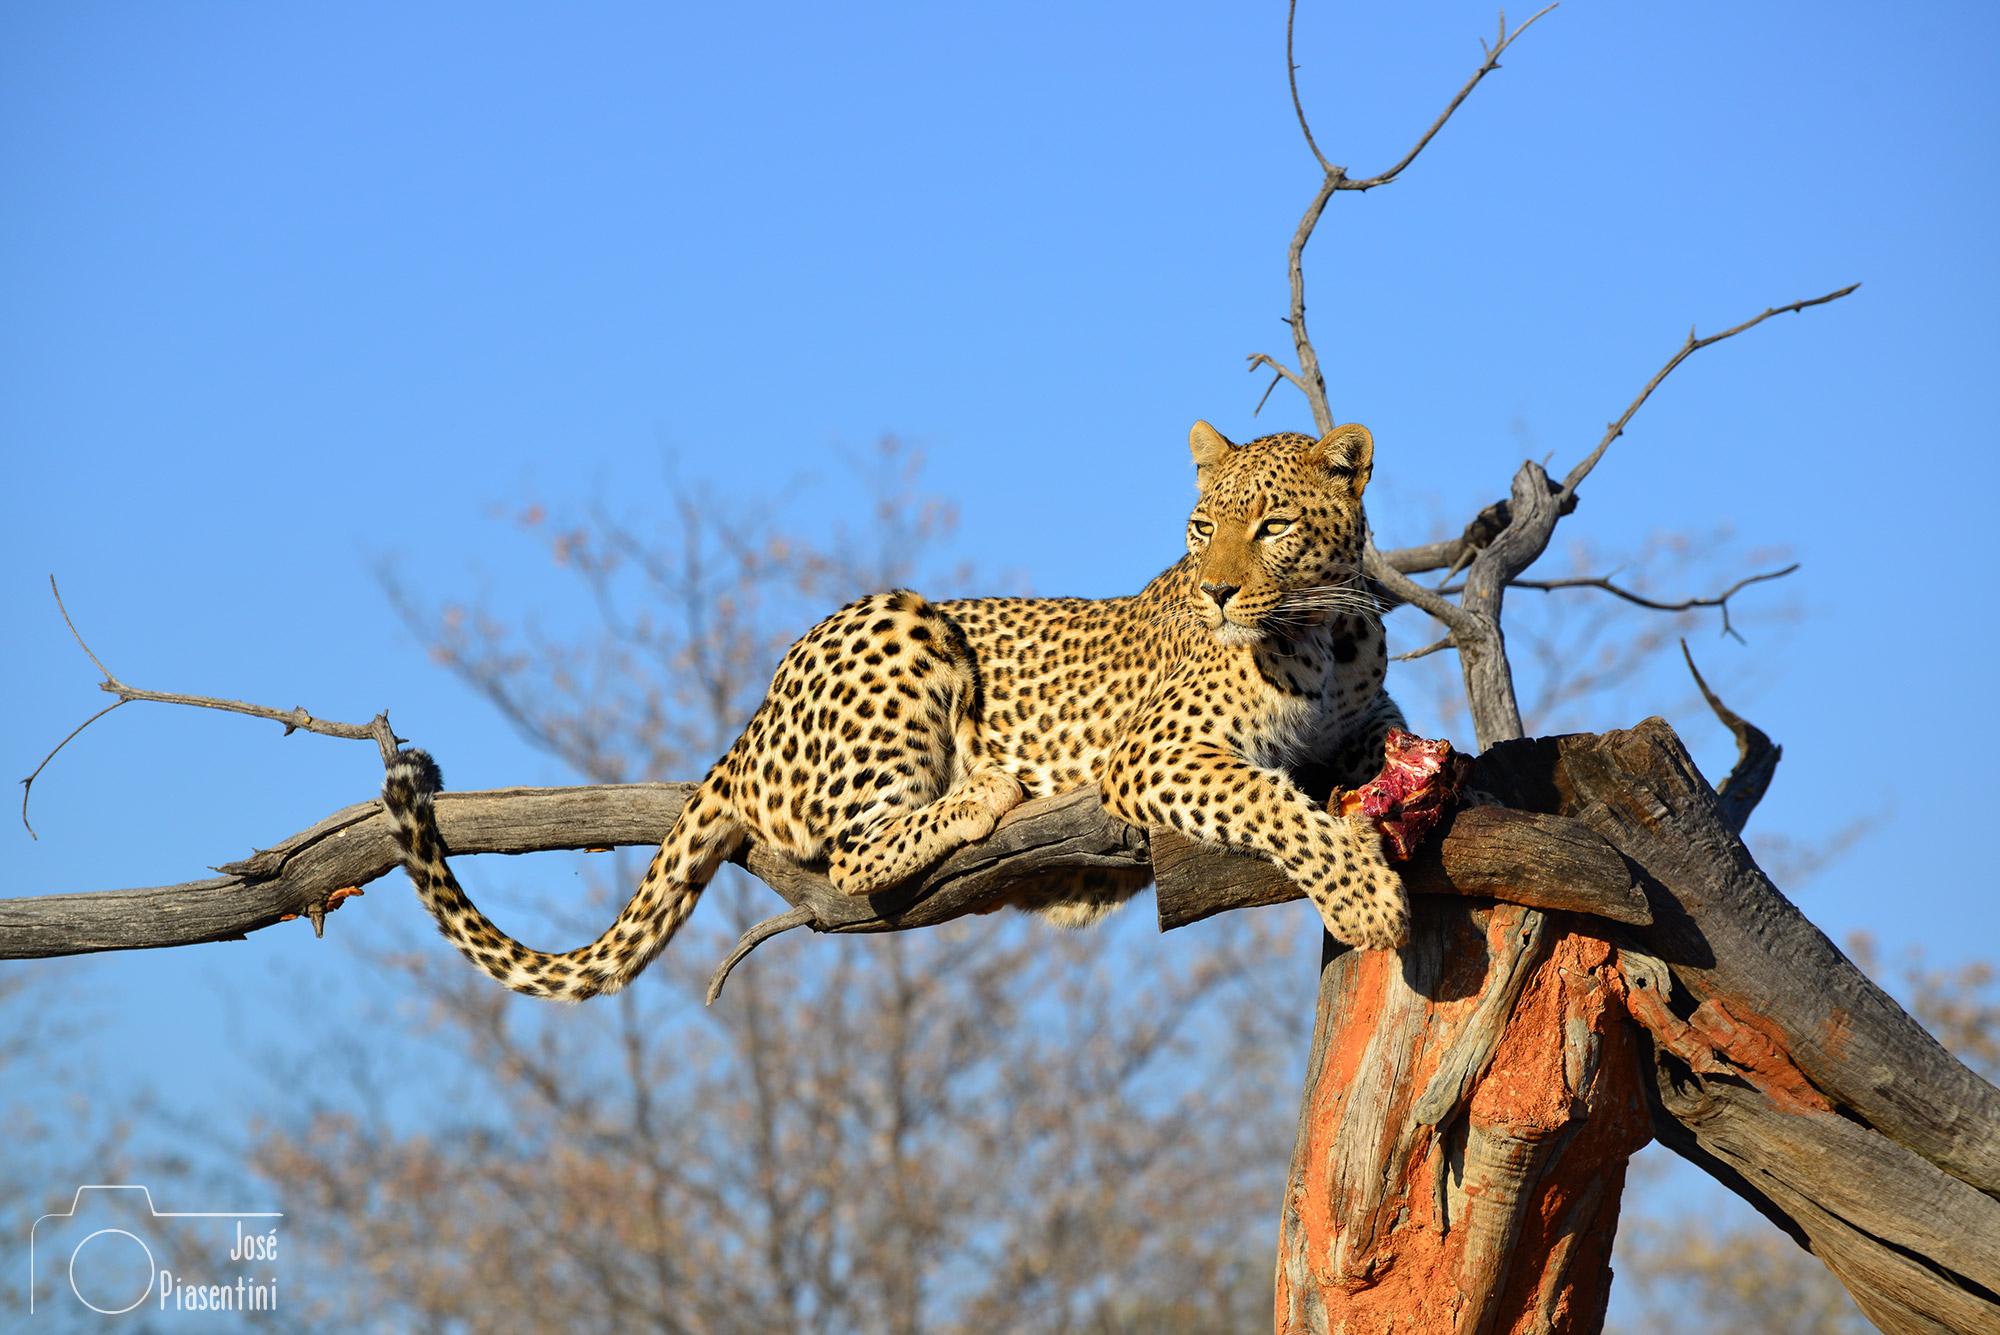 Okonjima-Nature-Reserve-Leopard